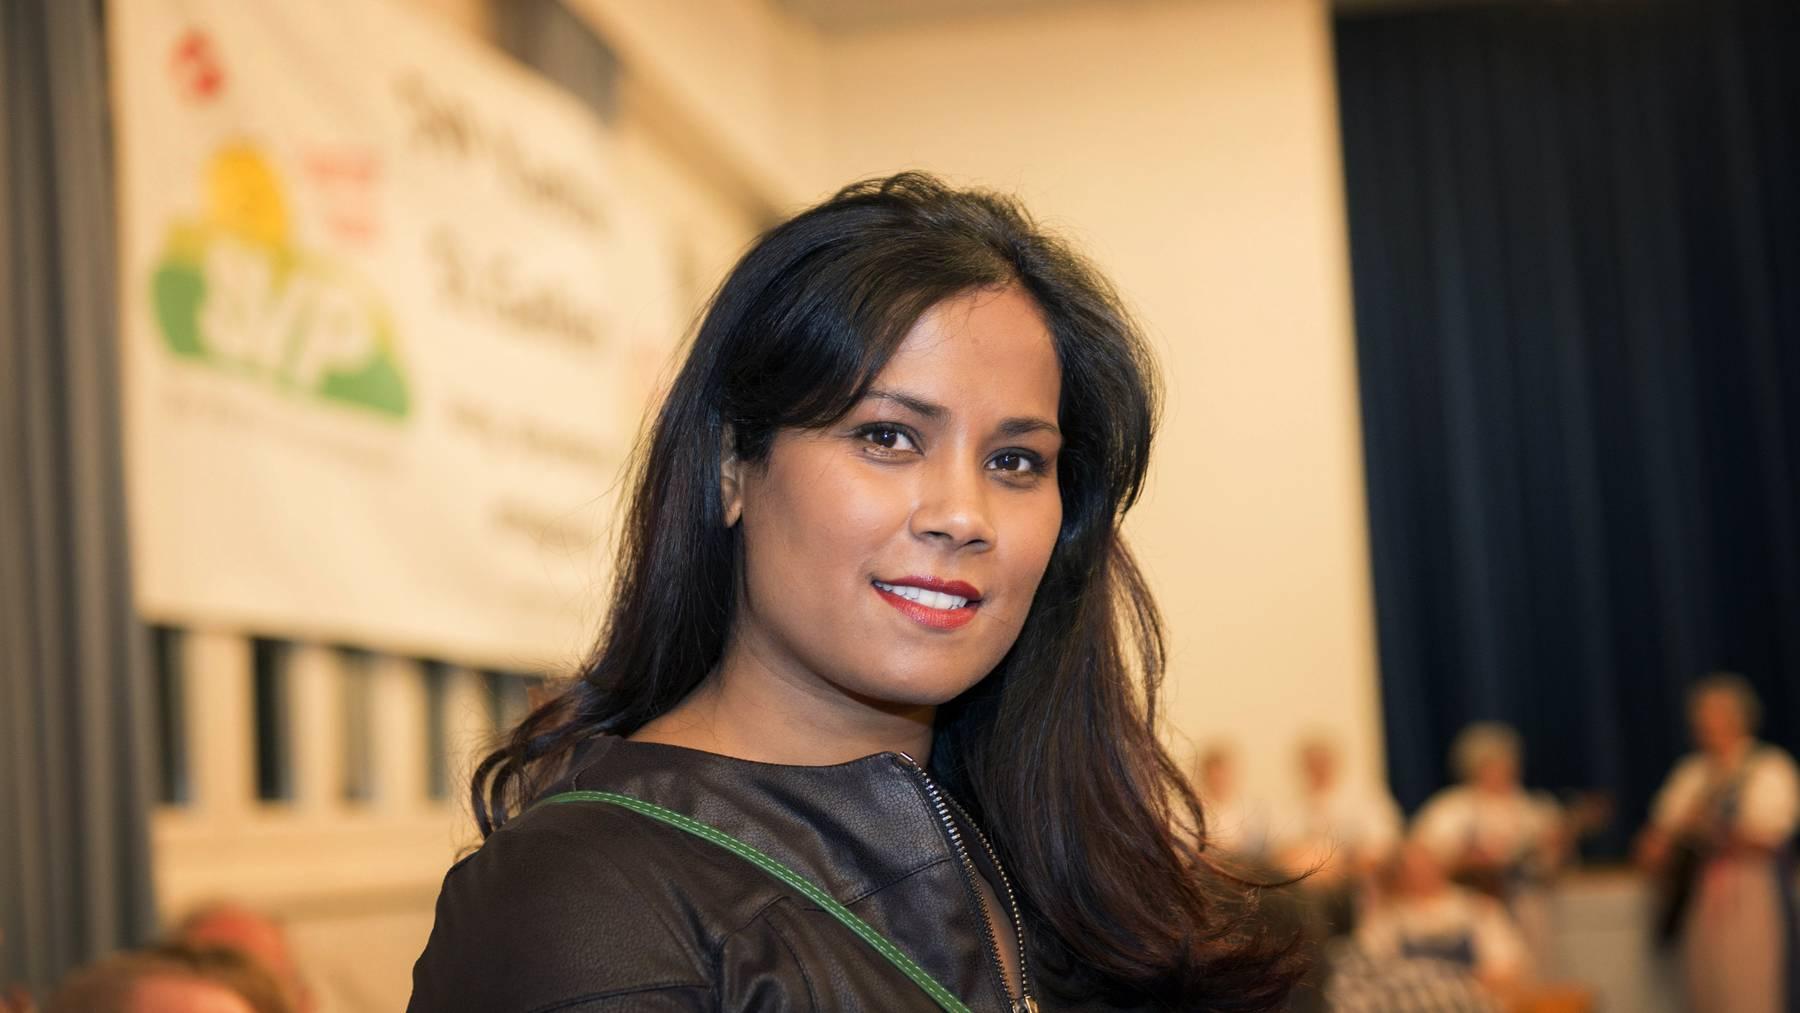 Sarah Bösch ist Unternehmerin in St.Gallen, sie hat eine Hotelkrippe gegründet.